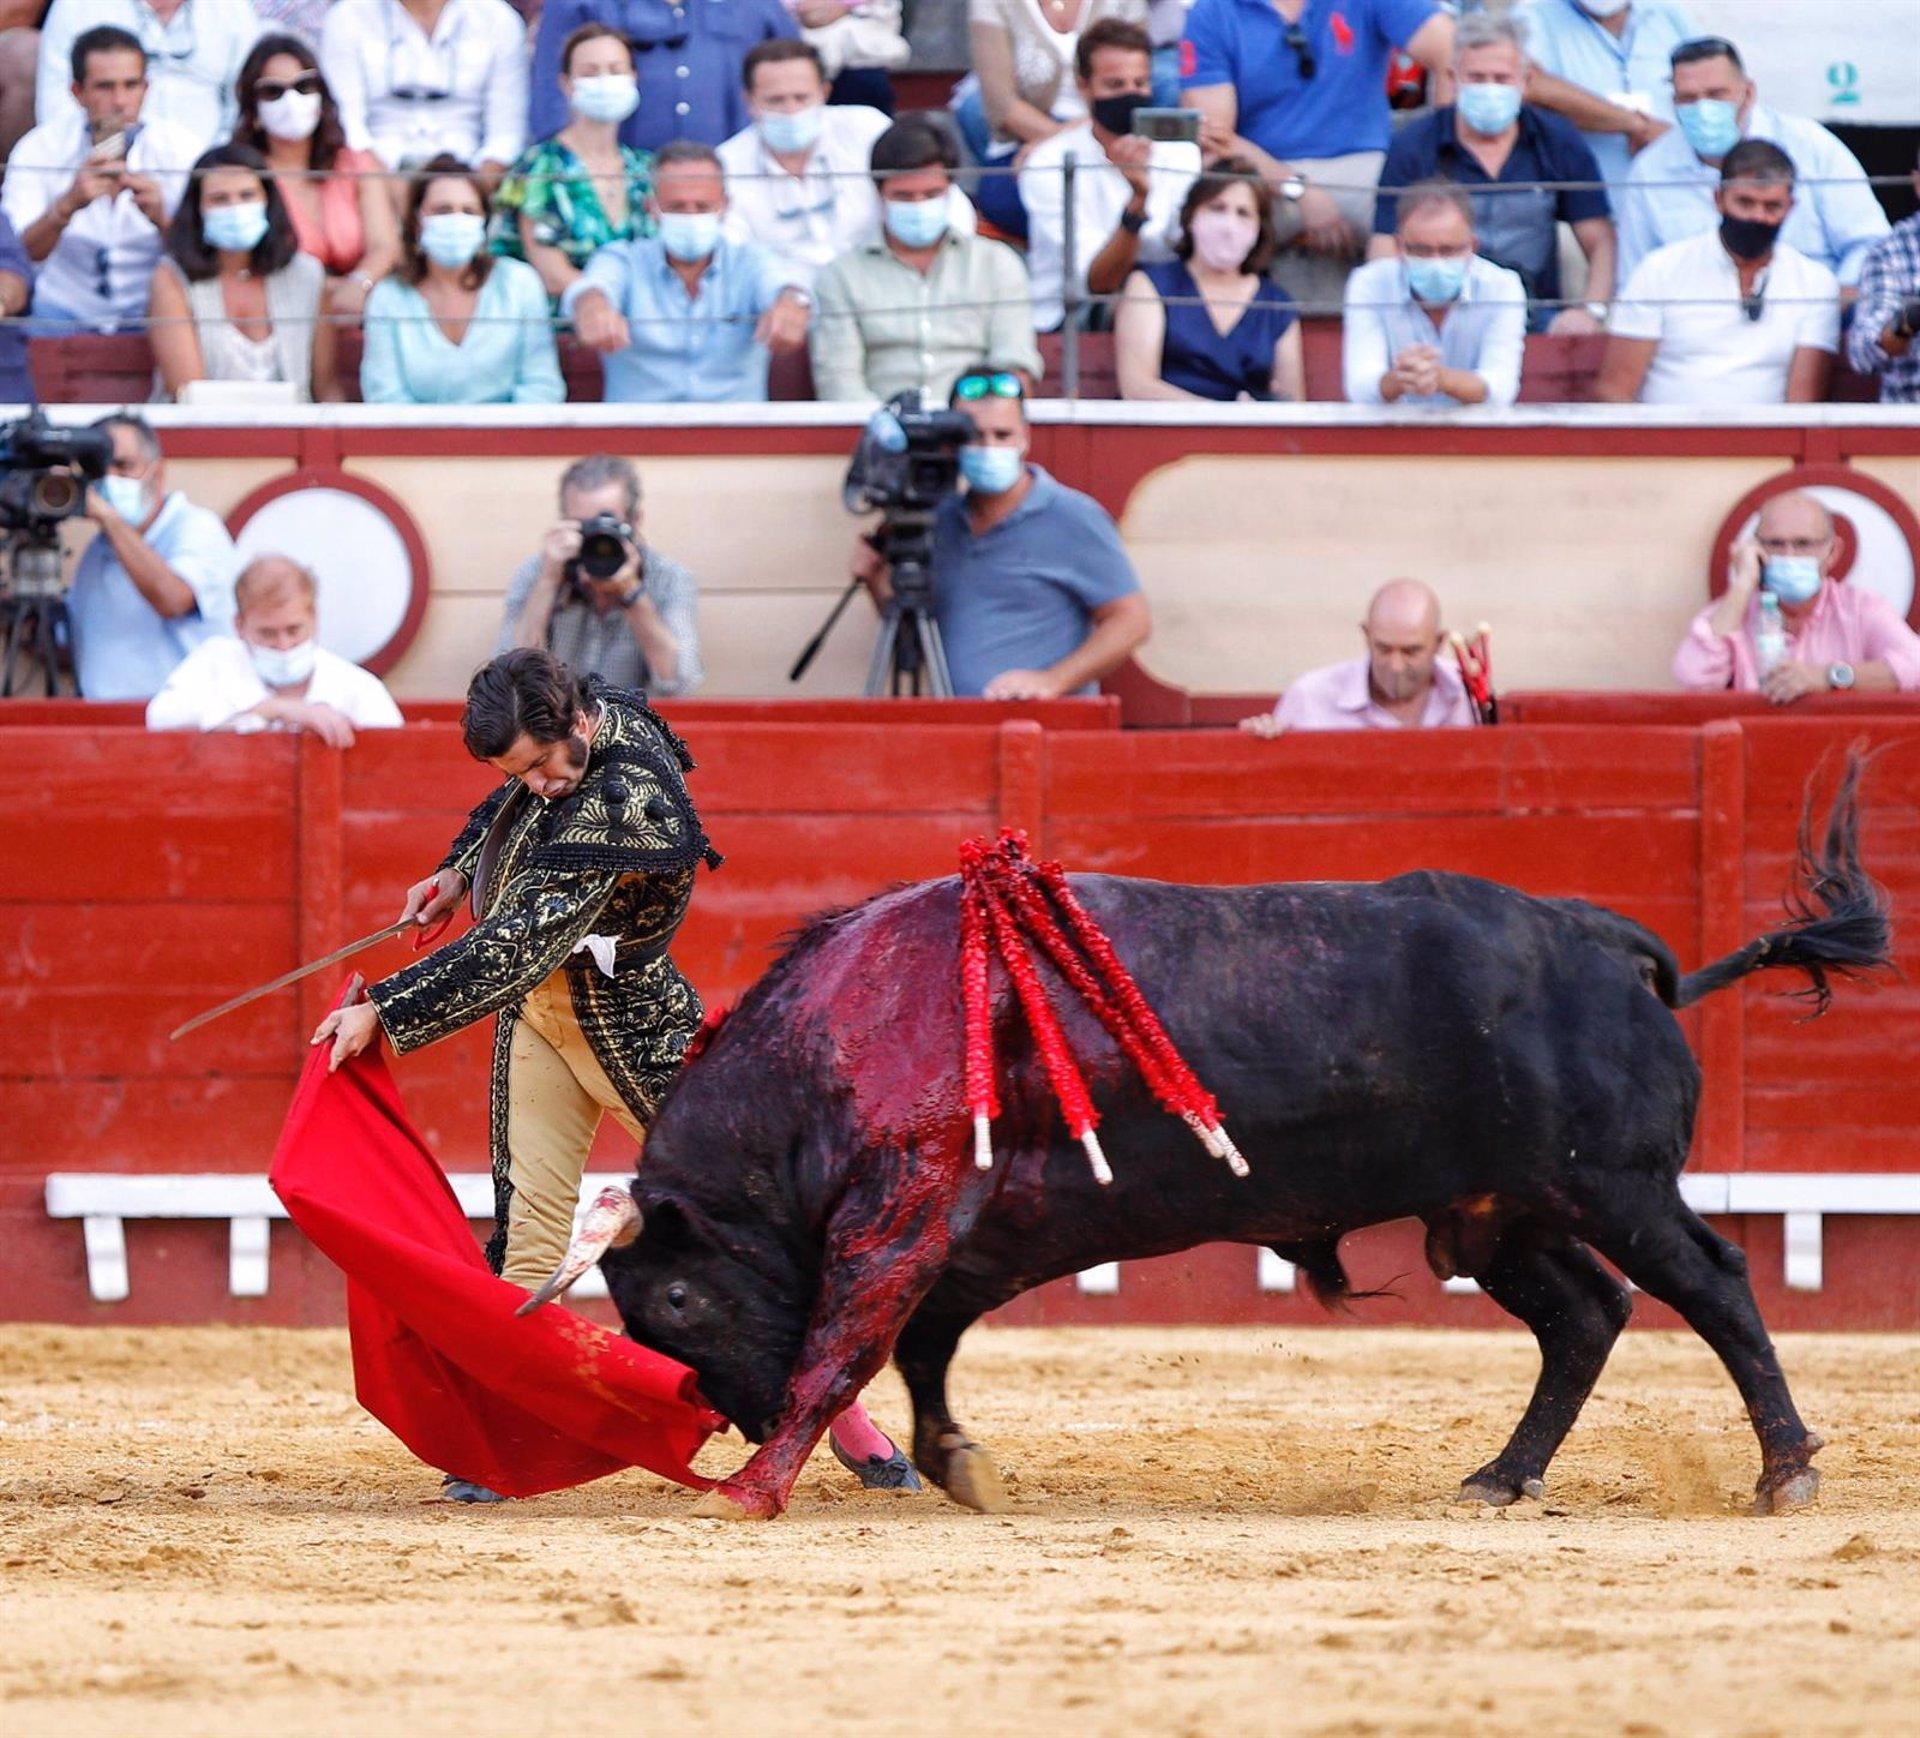 La feria taurina del Corpus, con Morante en los carteles, se celebrará con medidas de seguridad